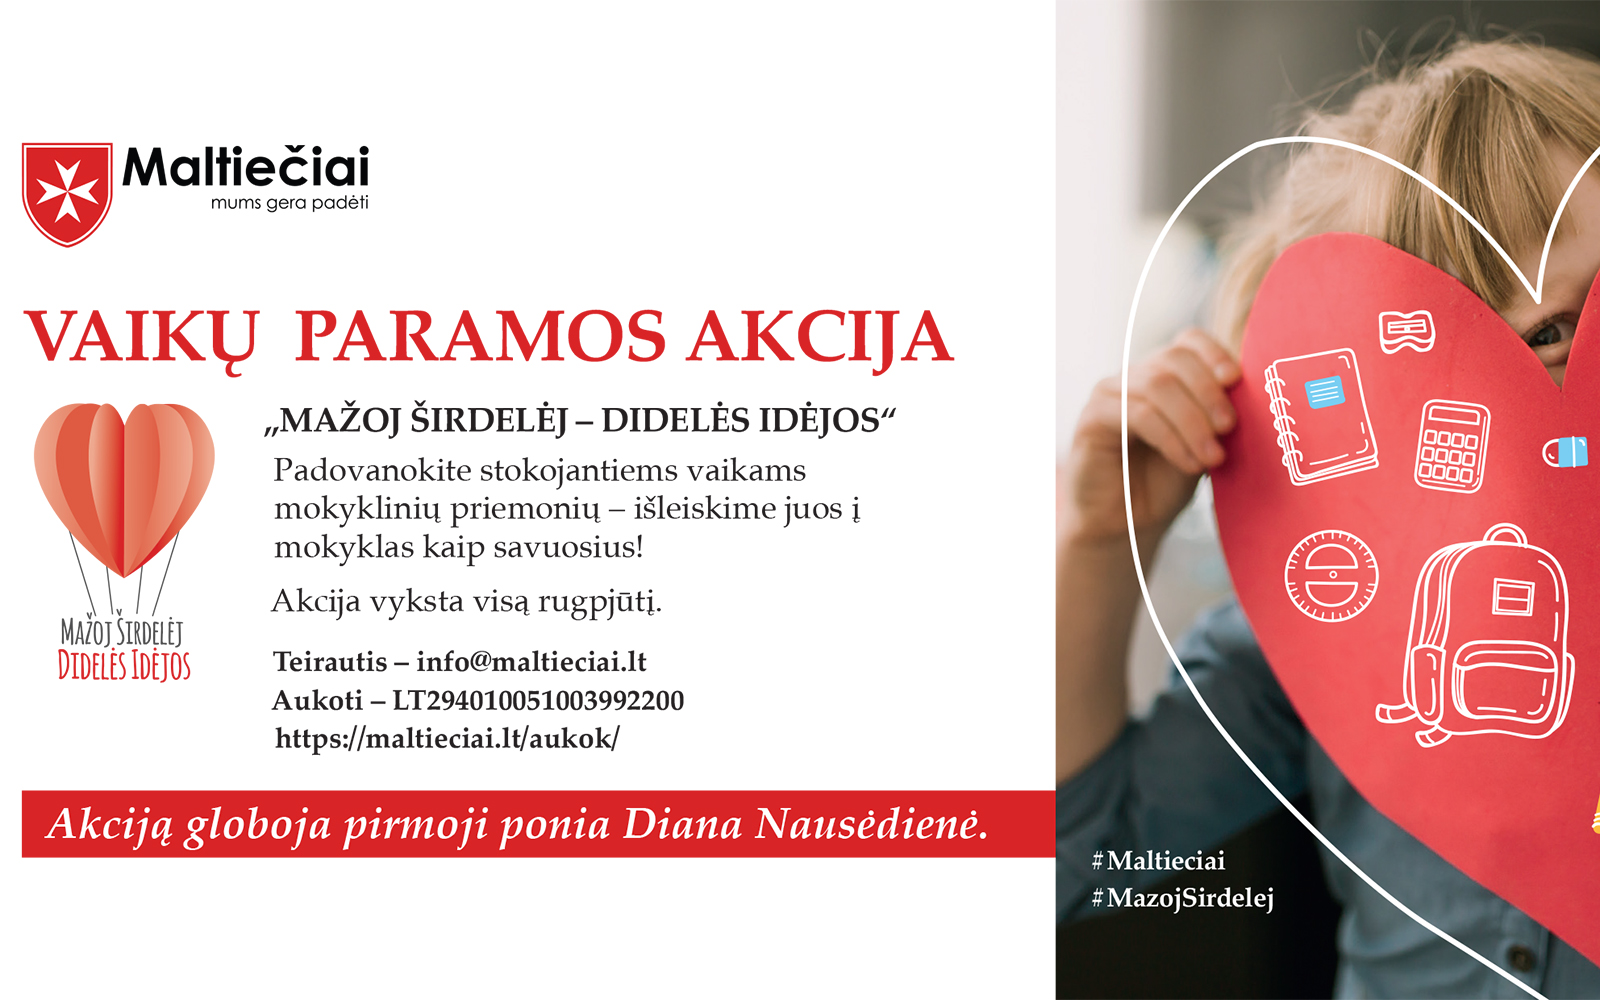 Pirmoji ponia Diana Nausėdienė kviečia prisijungti prie maltiečių vaikų paramos akcijos